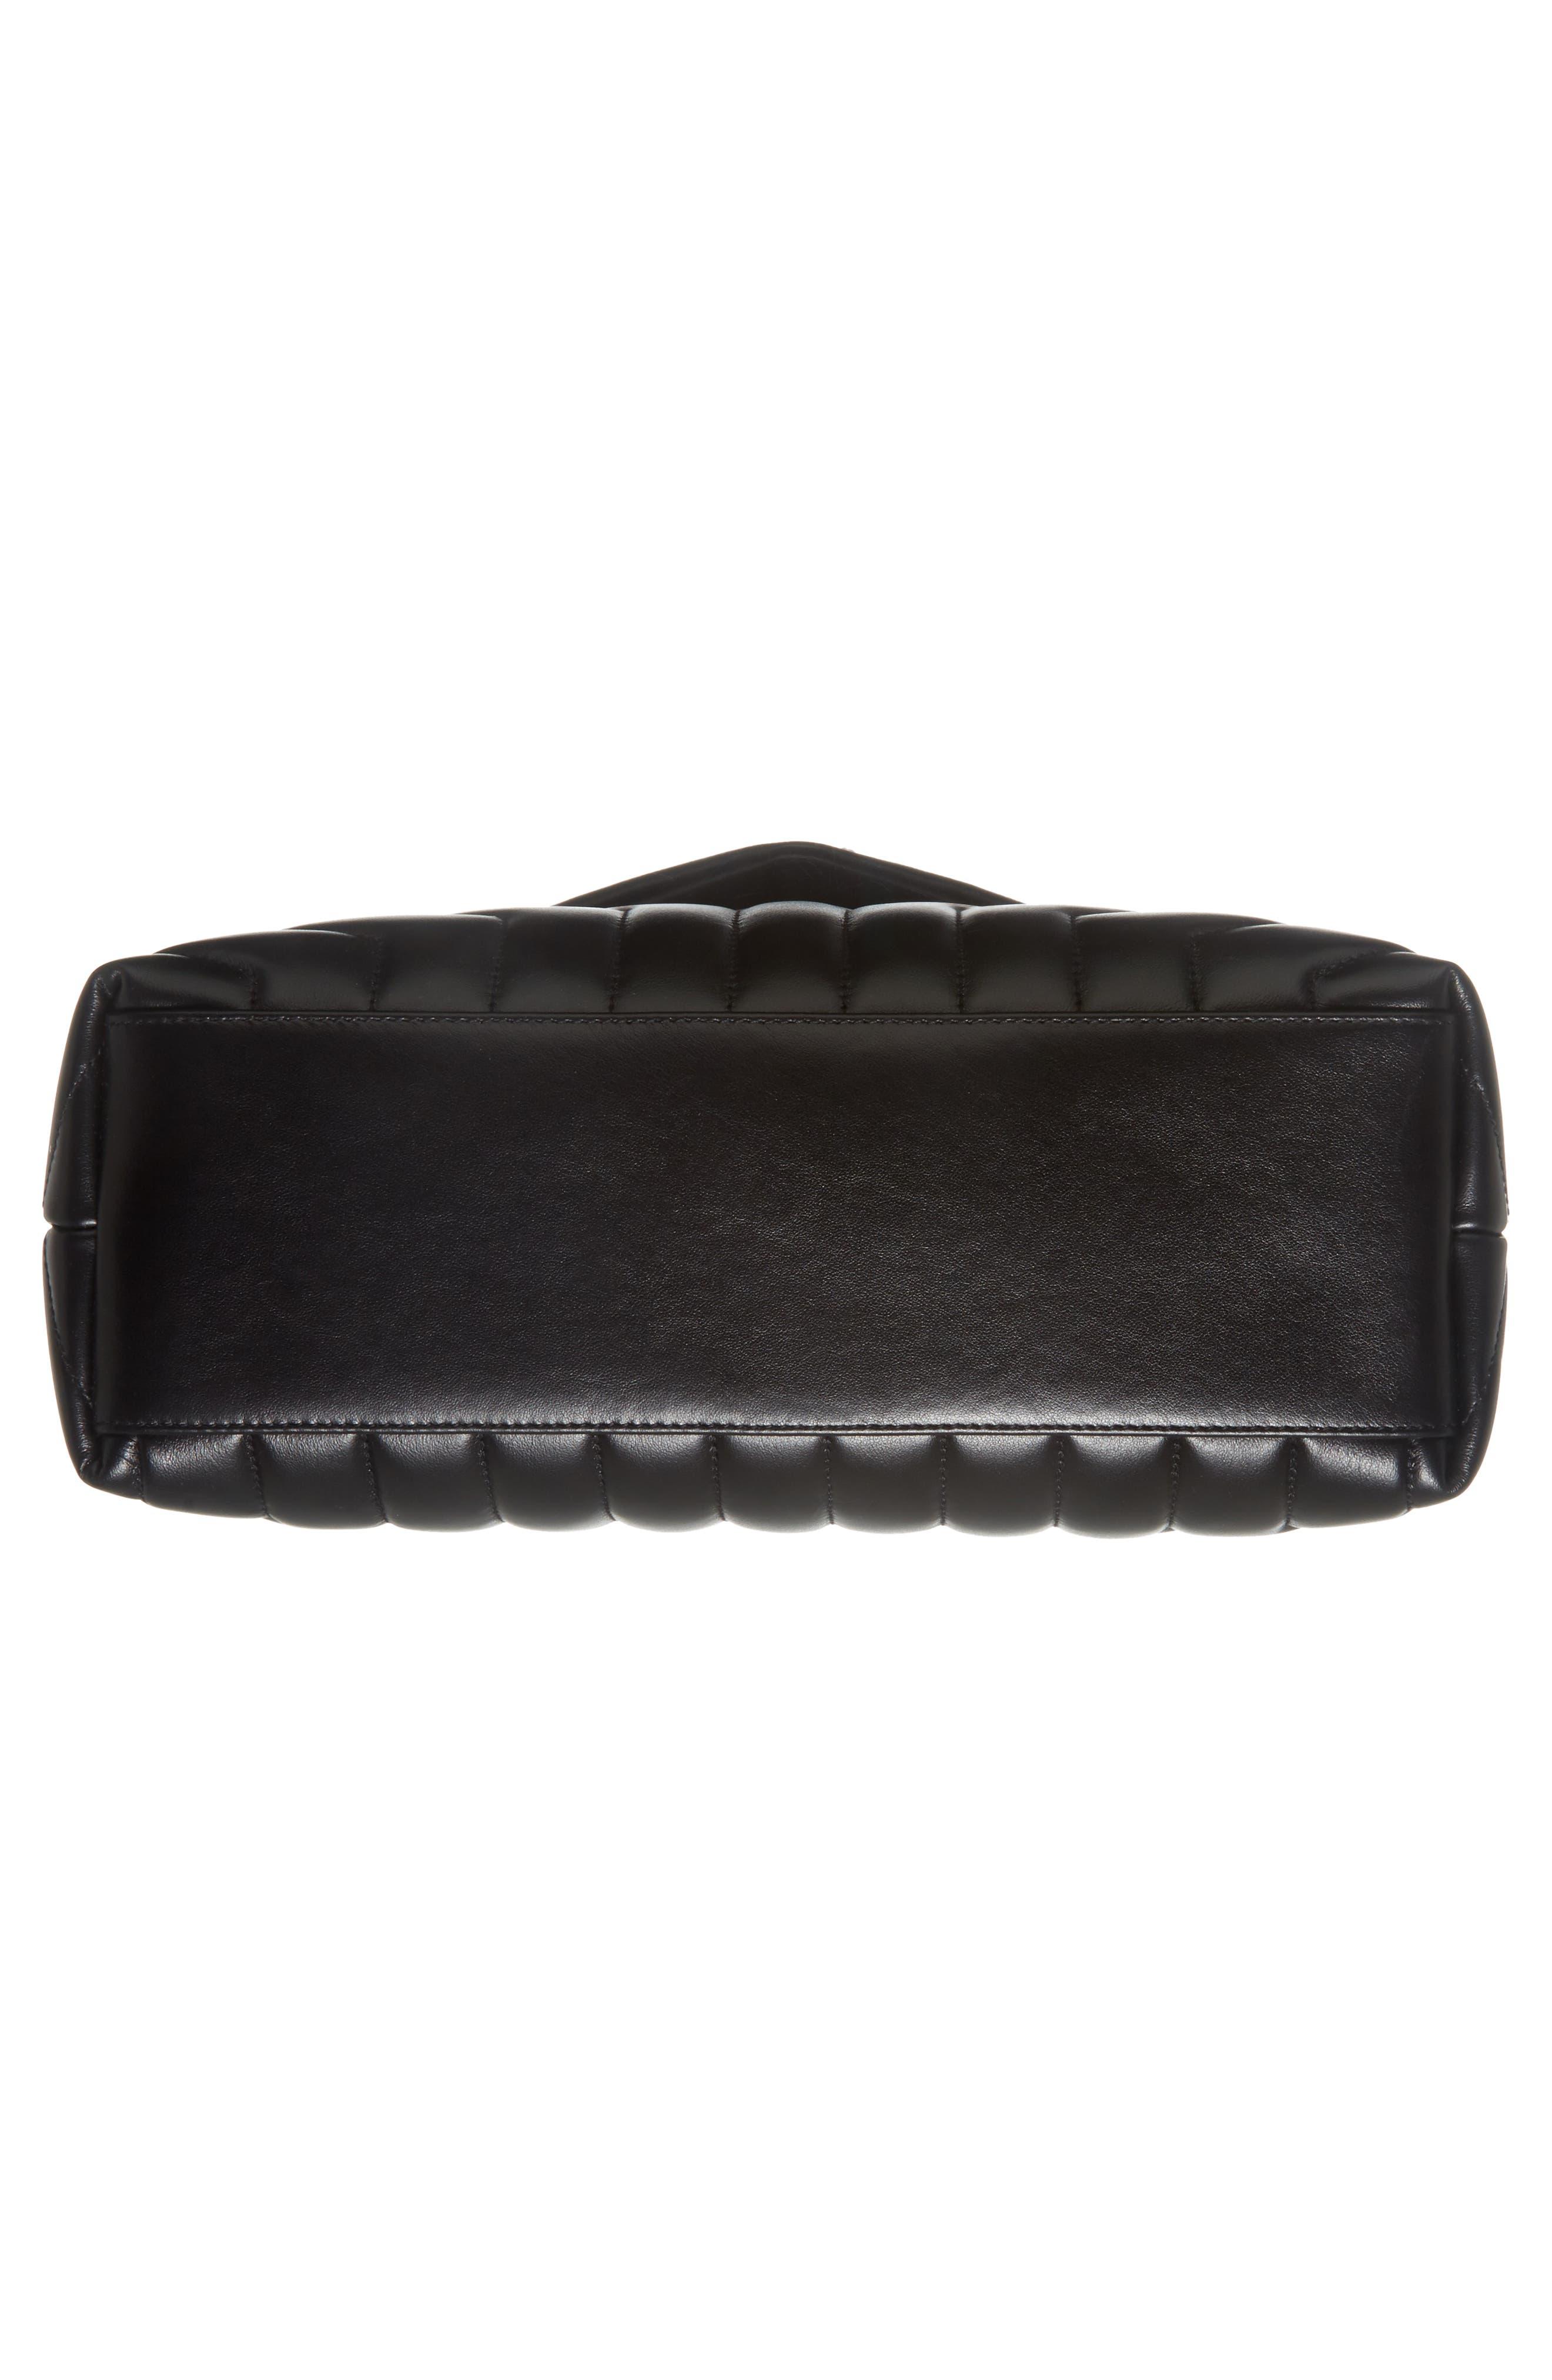 Medium Loulou Matelassé Calfskin Leather Shoulder Bag,                             Alternate thumbnail 6, color,                             NOIR/ GOLD